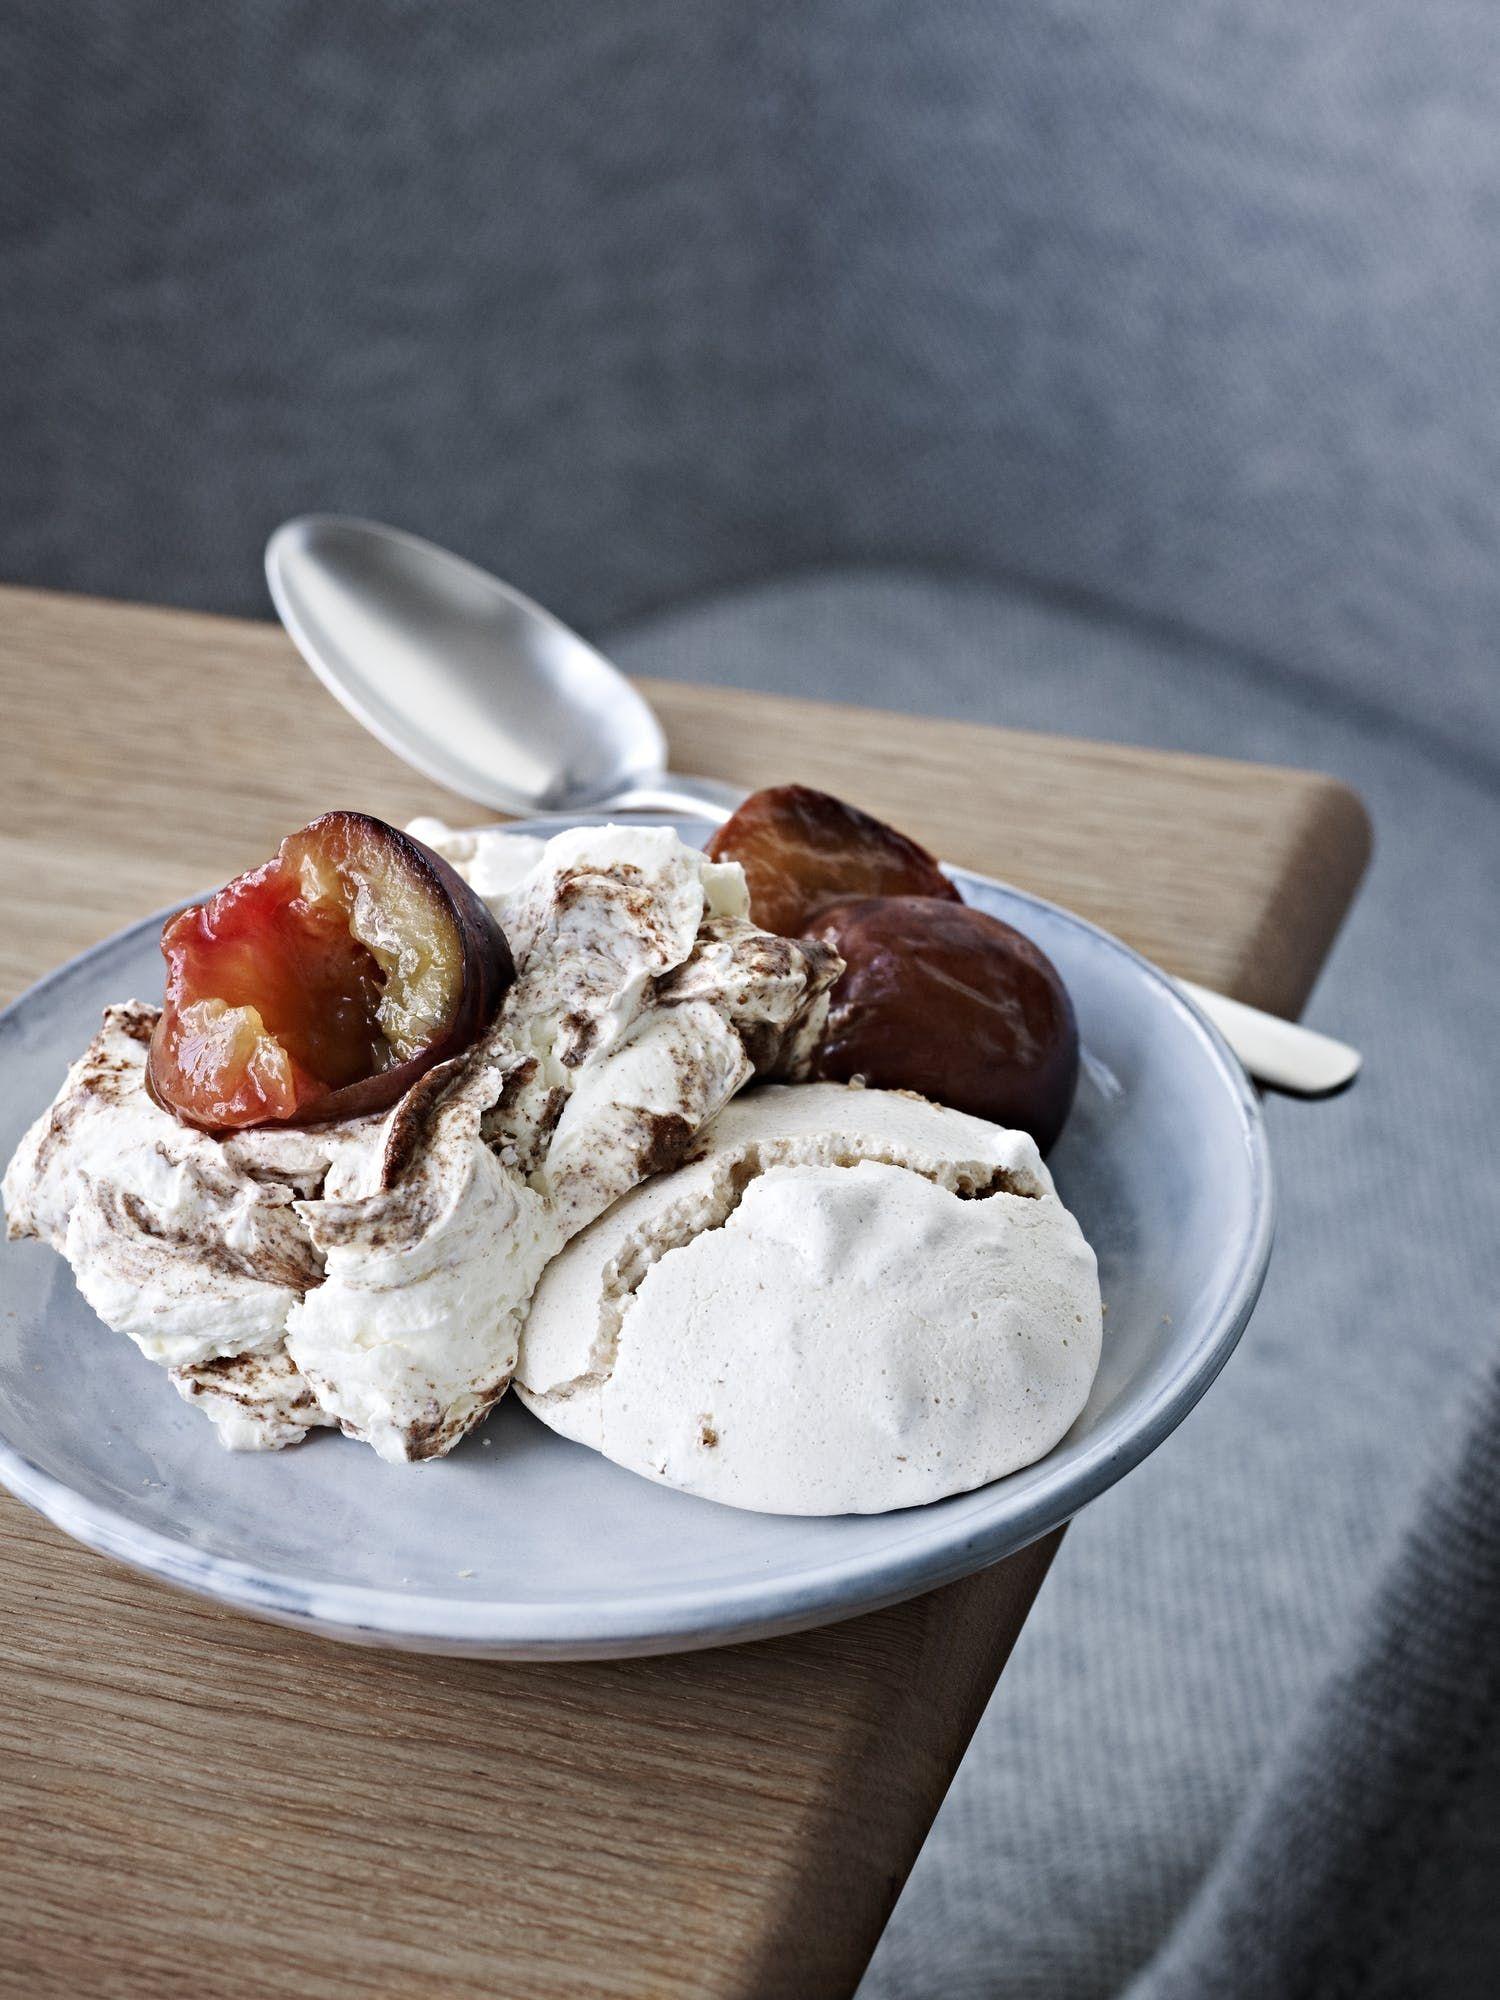 Valnoddemarengs Med Syltede Blommer Og Kanel Mascarpone Laekre Desserter Madopskrifter Dessert